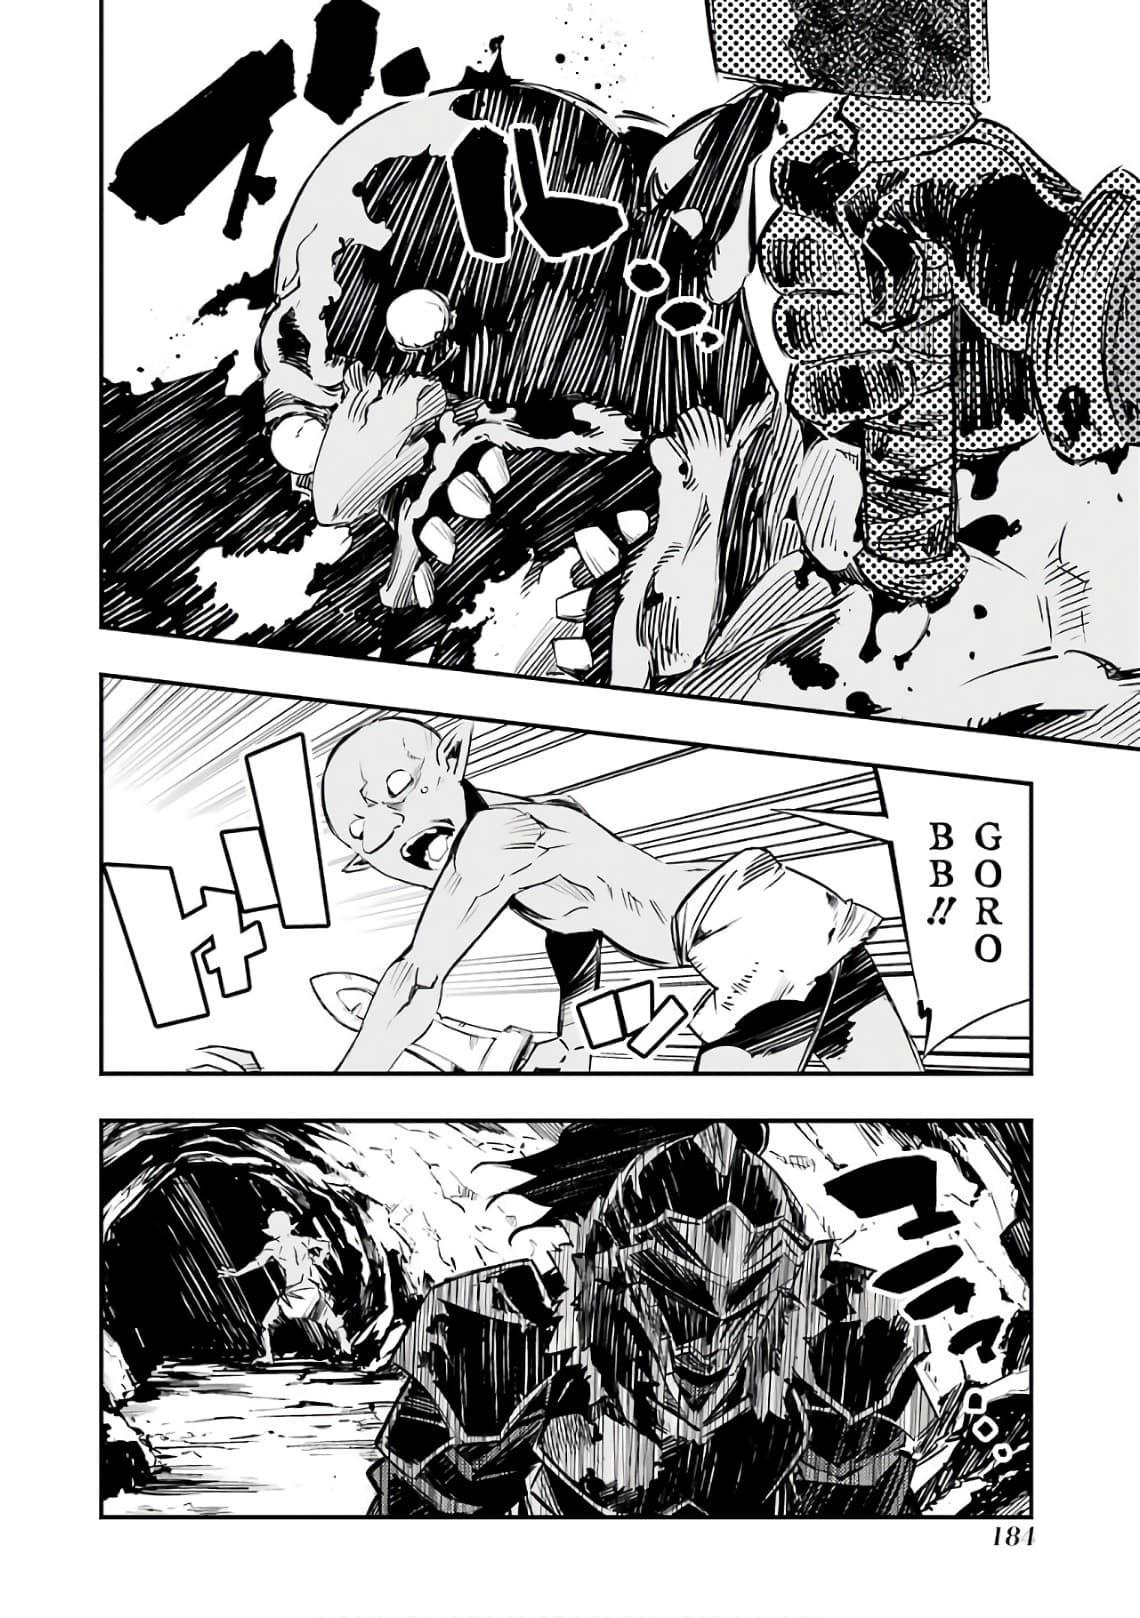 อ่านการ์ตูน Goblin Slayer Brand New Day ตอนที่ 4 หน้าที่ 36